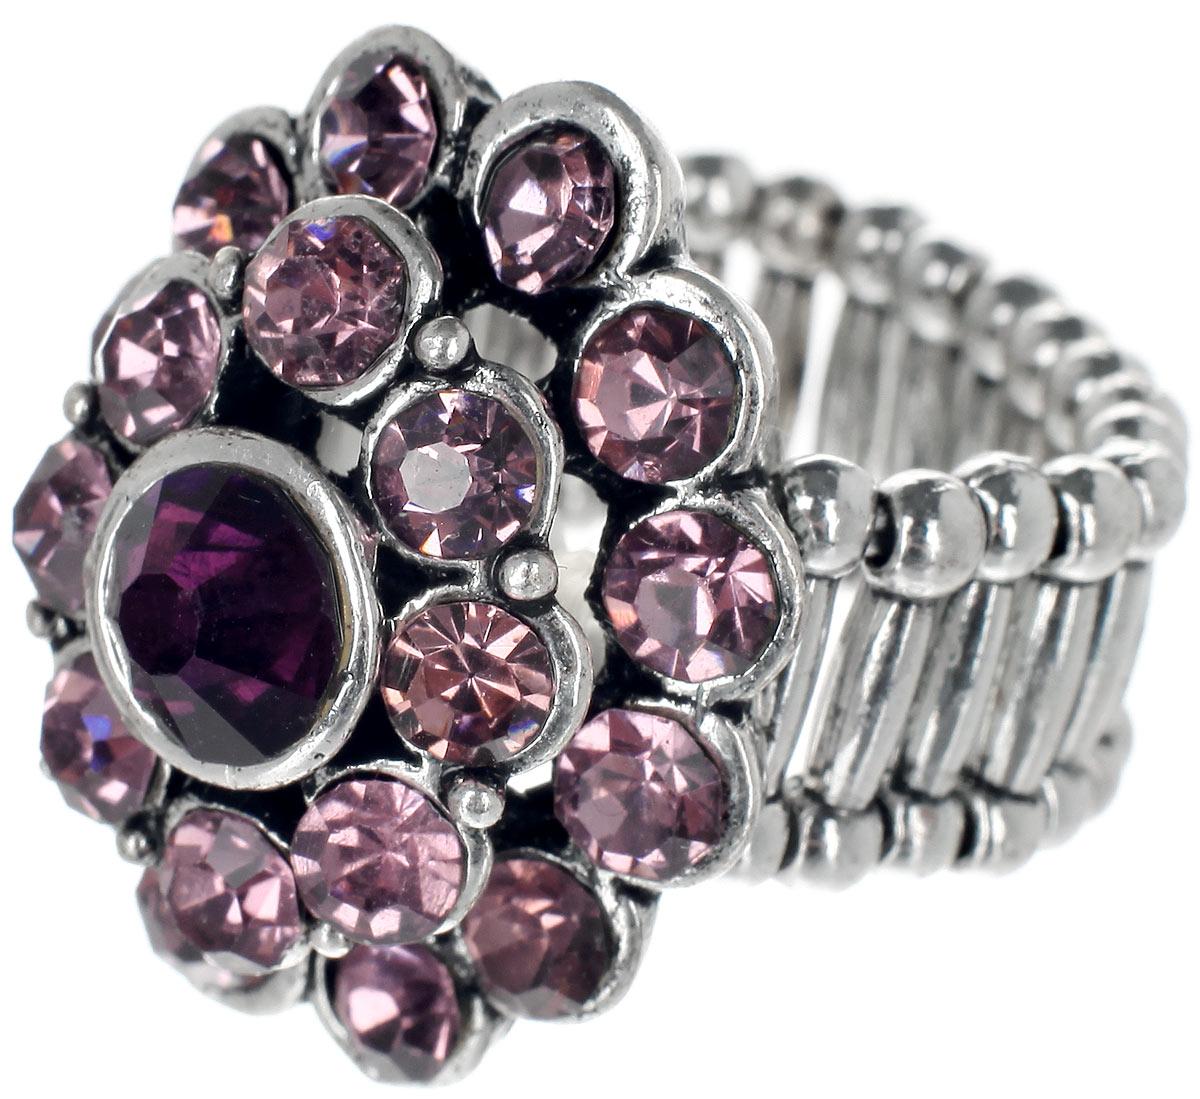 Кольцо Taya, цвет: розовый, серебристый. T-B-7324T-B-7324-RING-PINKСтильное кольцо Taya выполнено из металлического сплава на основе латуни и дополнено стразами. Элементы кольца соединены между собой при помощи тонкой резинки, благодаря которой изделие имеет универсальный размер. Его легко снимать и надевать. Такое кольцо внесет изюминку в любой образ и подчеркнет индивидуальность.